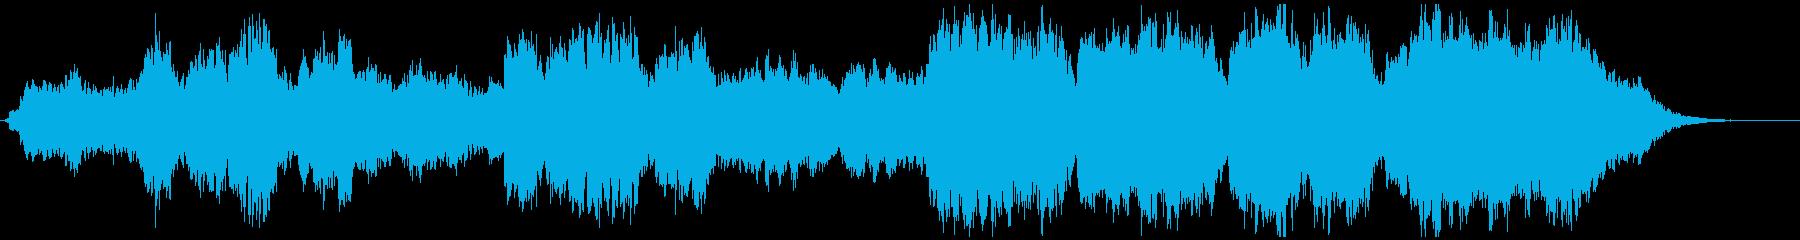 幻想的で雄大なケルトの笛の再生済みの波形